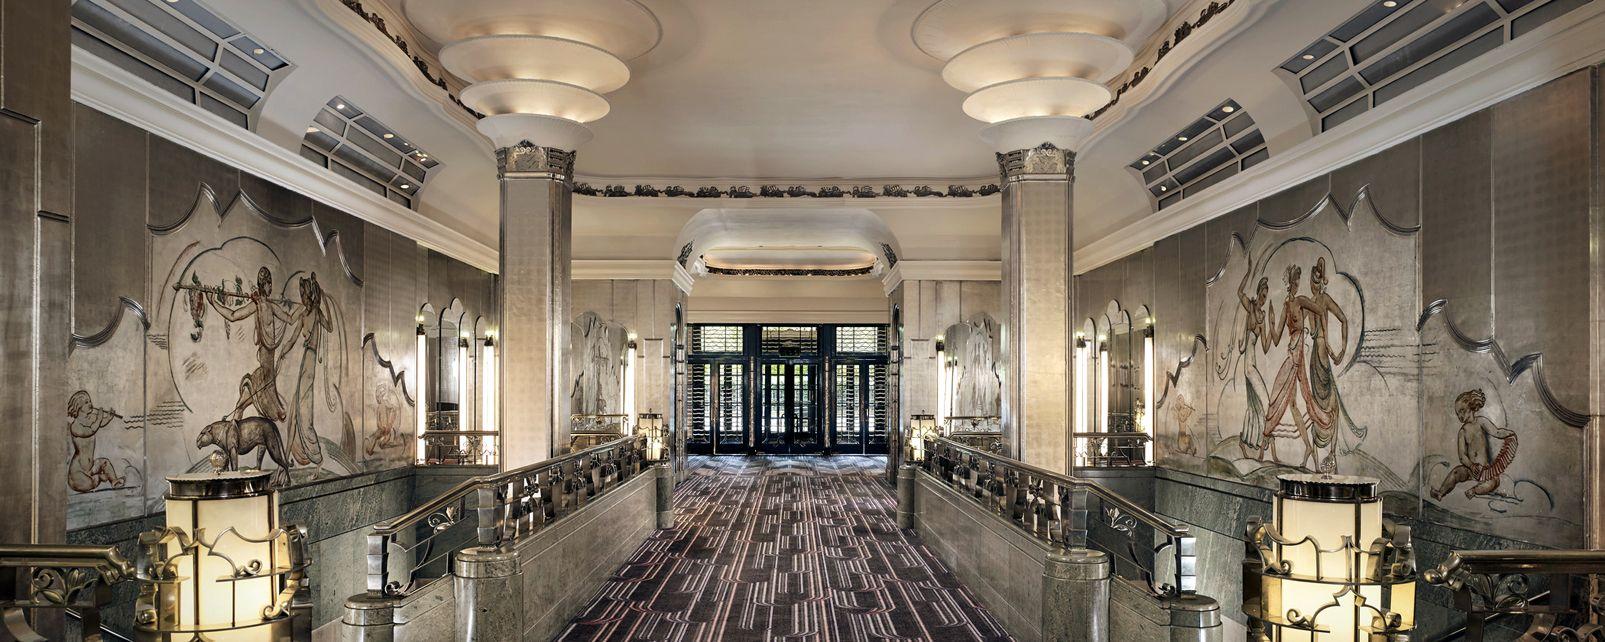 Hôtel Sheraton Park Lane